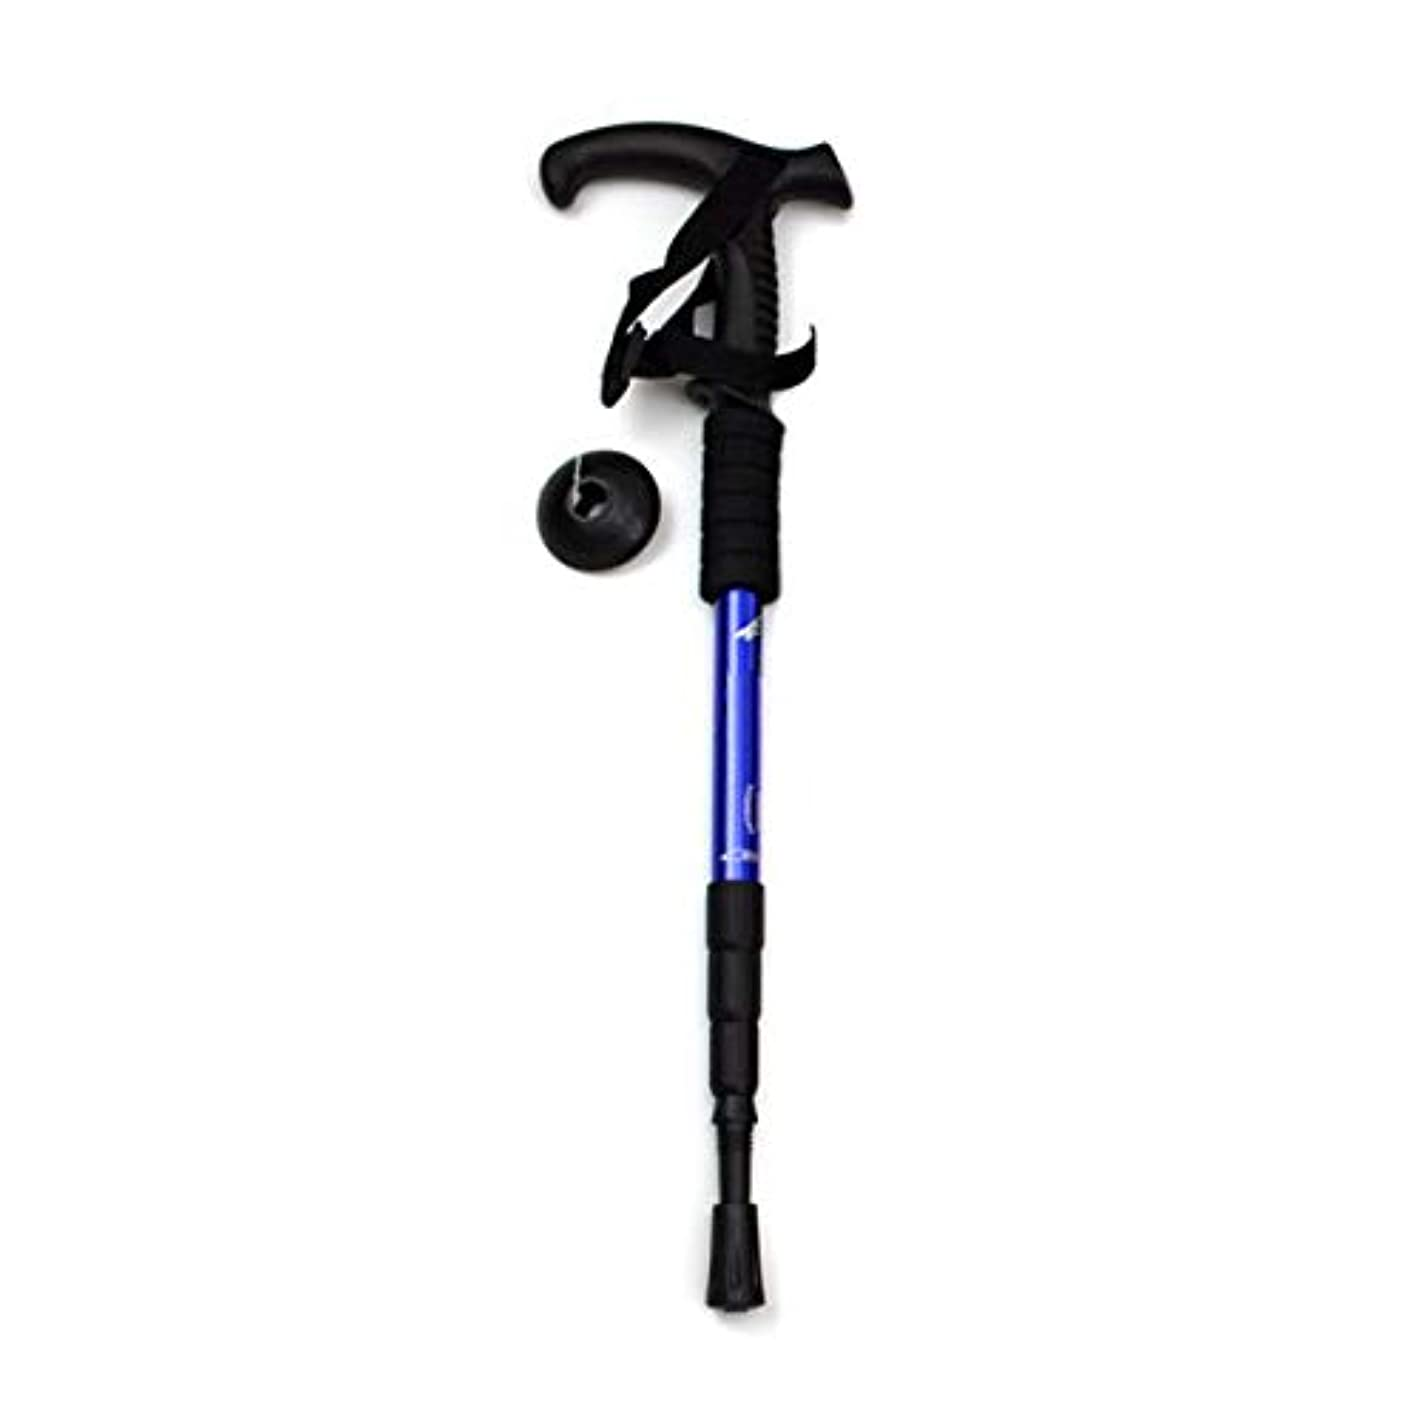 イーウェル高度アマチュア超軽量アルミ トレッキングポール Tグリップ 4節 伸縮式 登山杖 持ち運びに便利